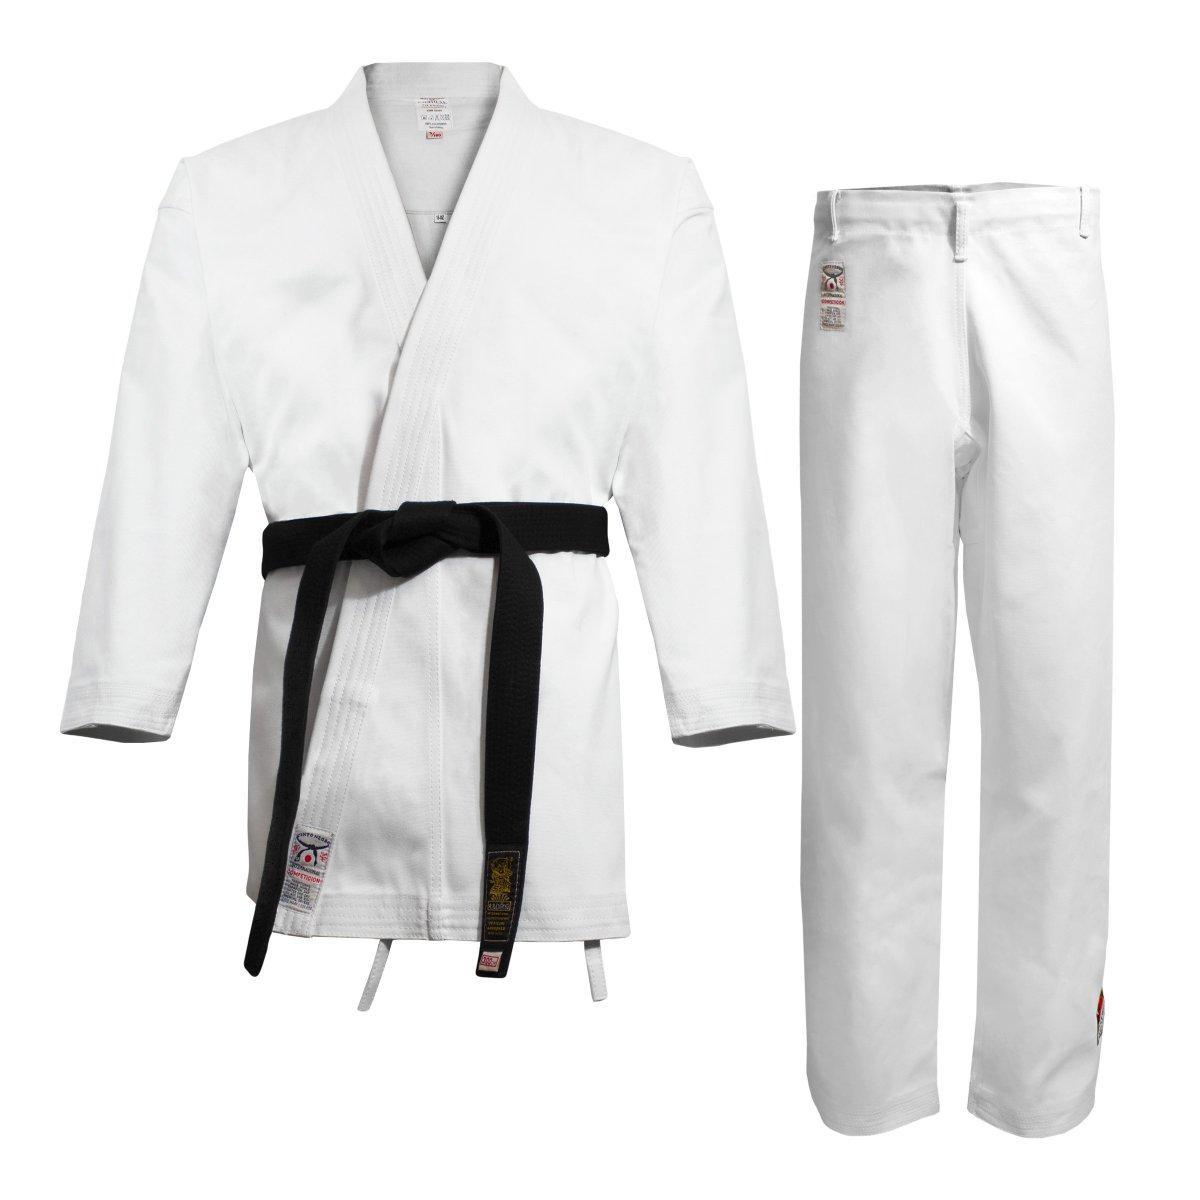 Kimono Karate. Karate Gi Cinto Negro. Kimono Blanco - daimyo.es f05172e41cc7